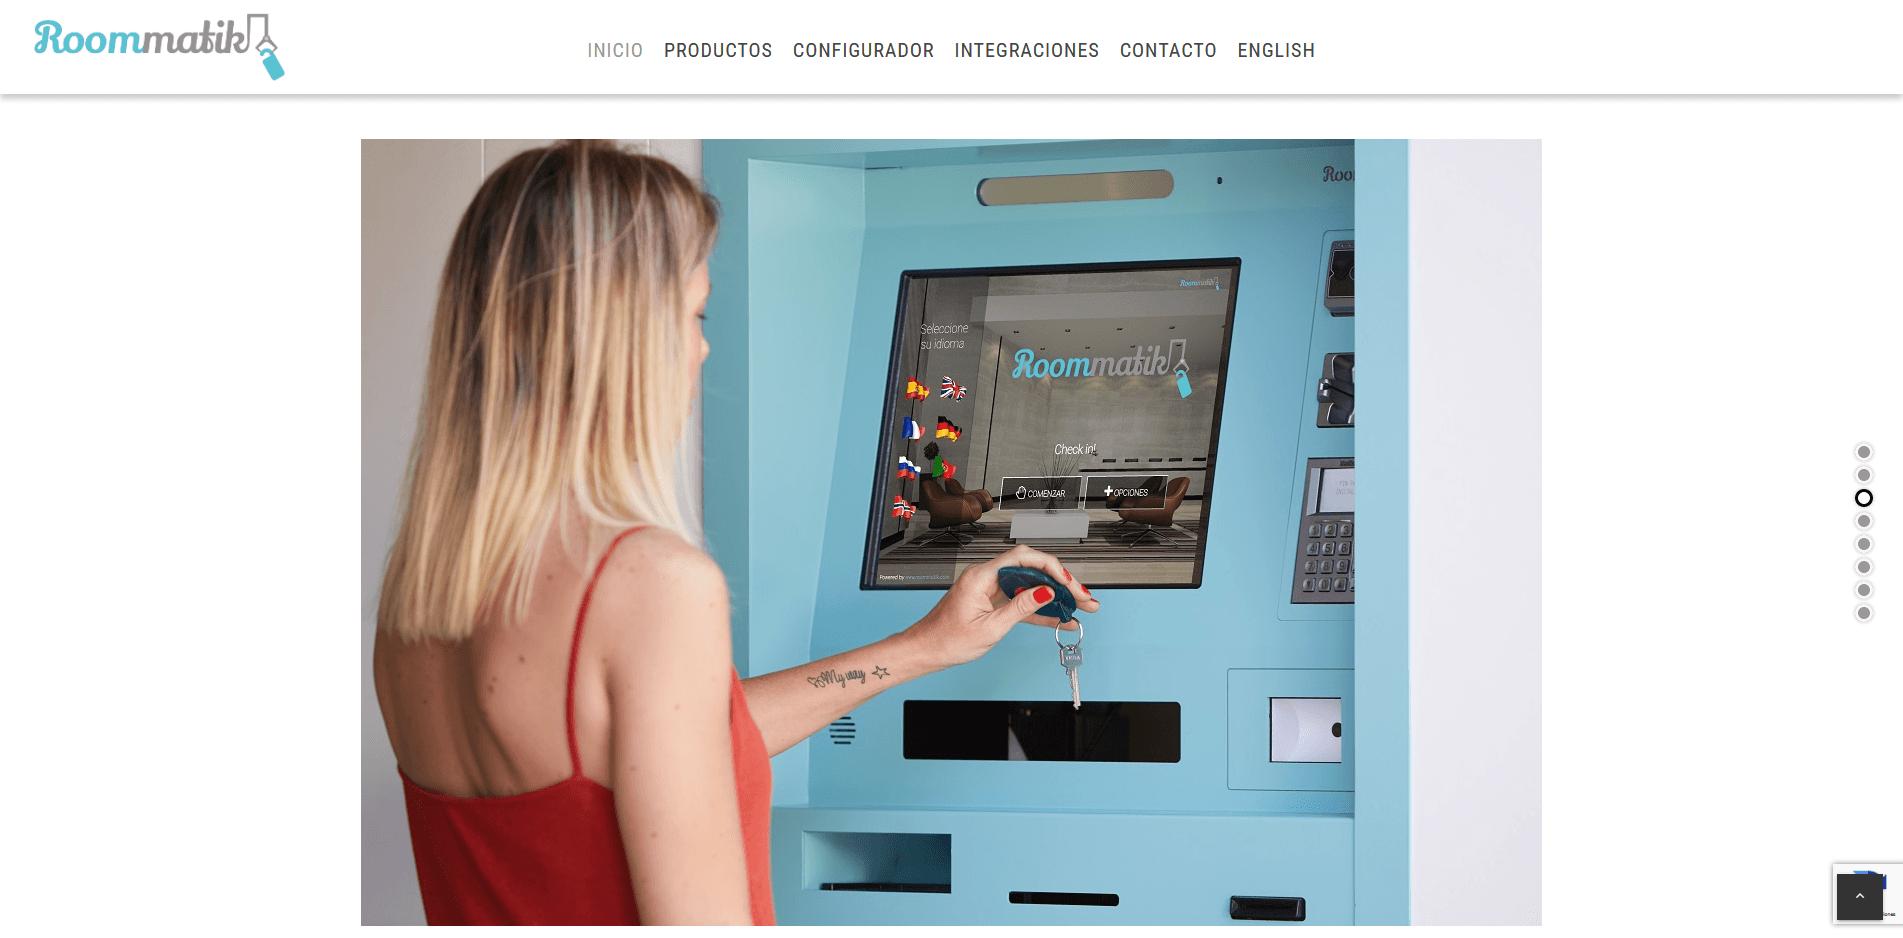 Screenshot_2019-08-17 Roommatik Kioscos de auto check-in para hoteles